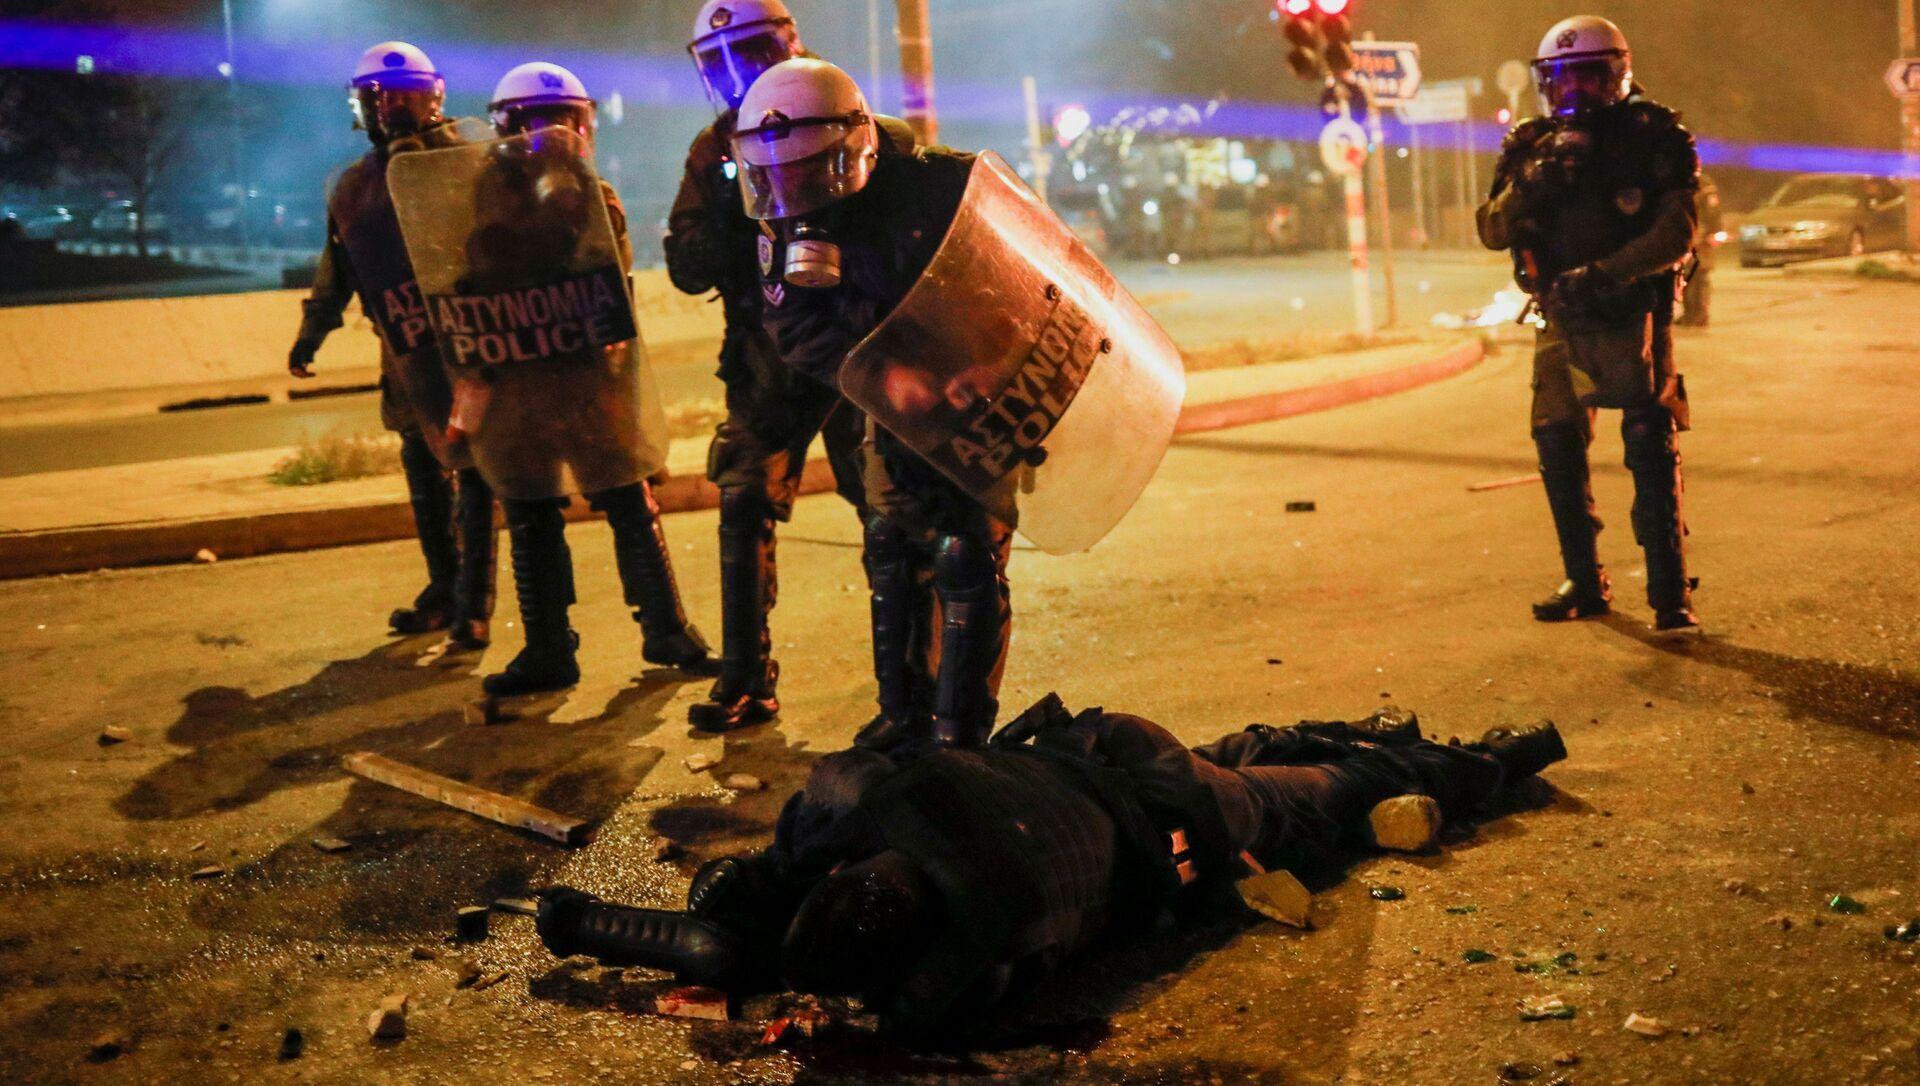 Atina'da çatışmaya dönüşen protestoda Yunan polis memurları dövülüp kanlar içinde yerde kalan arkadaşlarını hastaneye kaldırdı. - Sputnik Türkiye, 1920, 10.03.2021